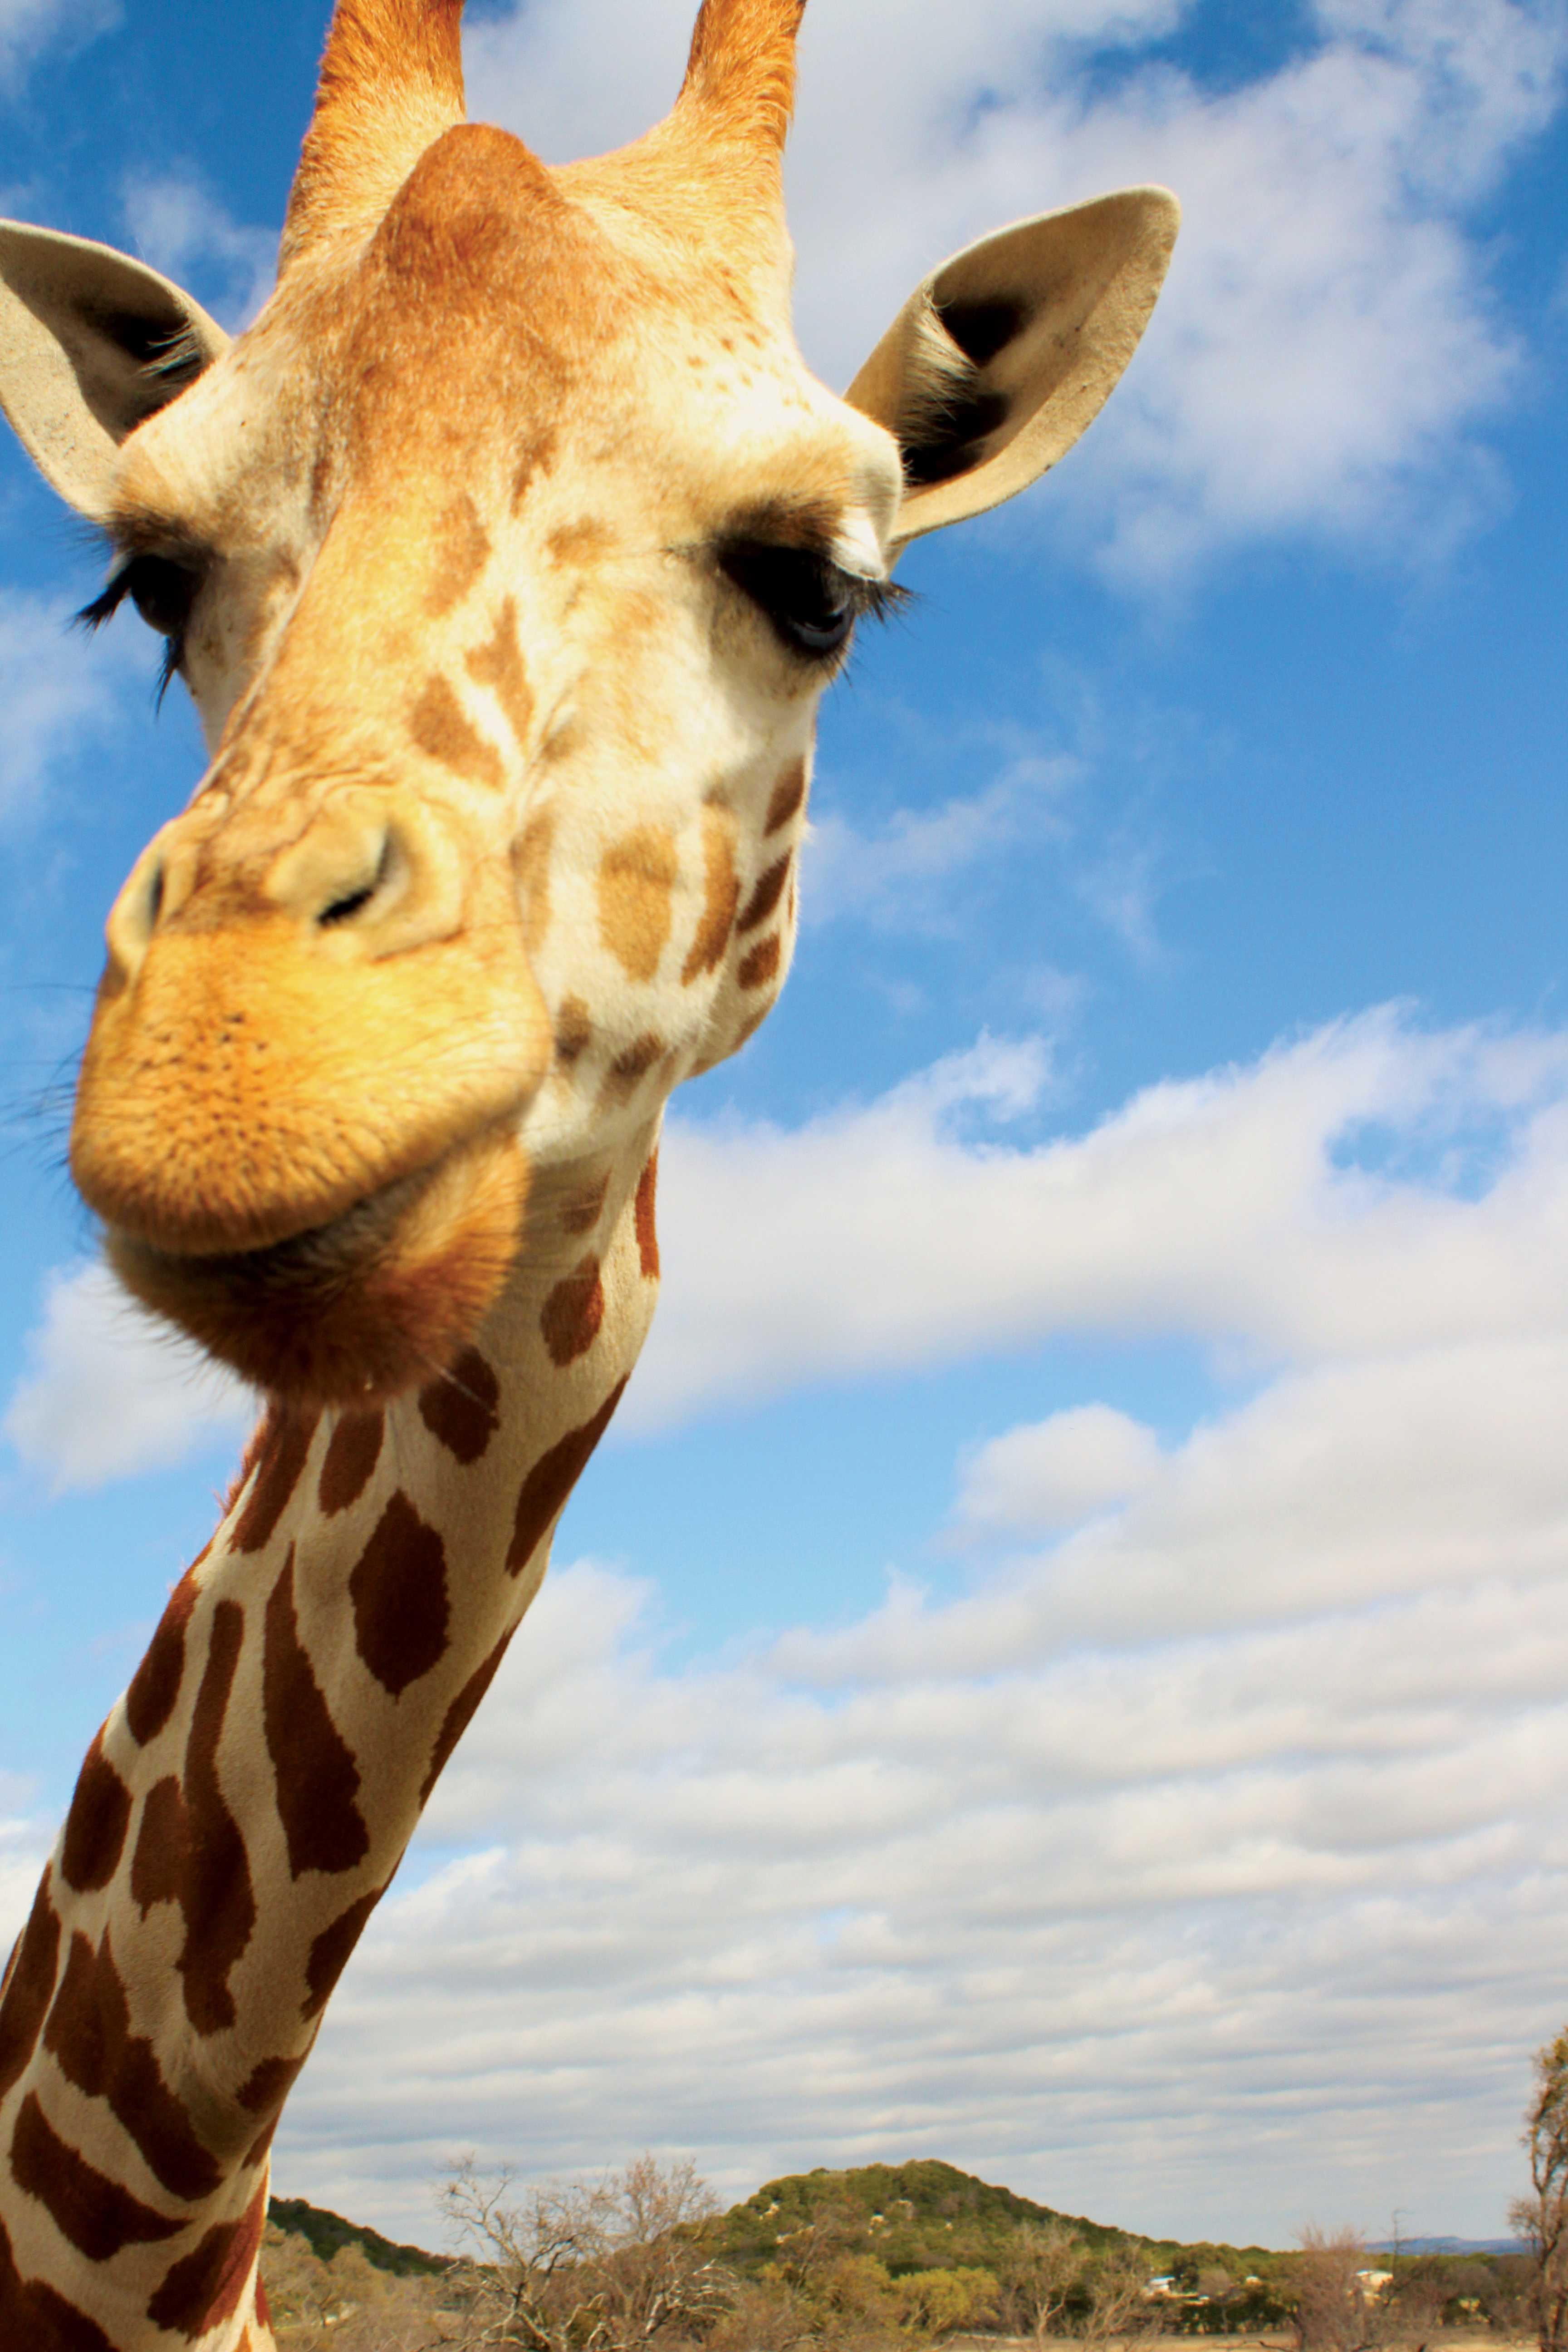 Photos by William De La Cruz | A giraffe comes in close in hopes of food.